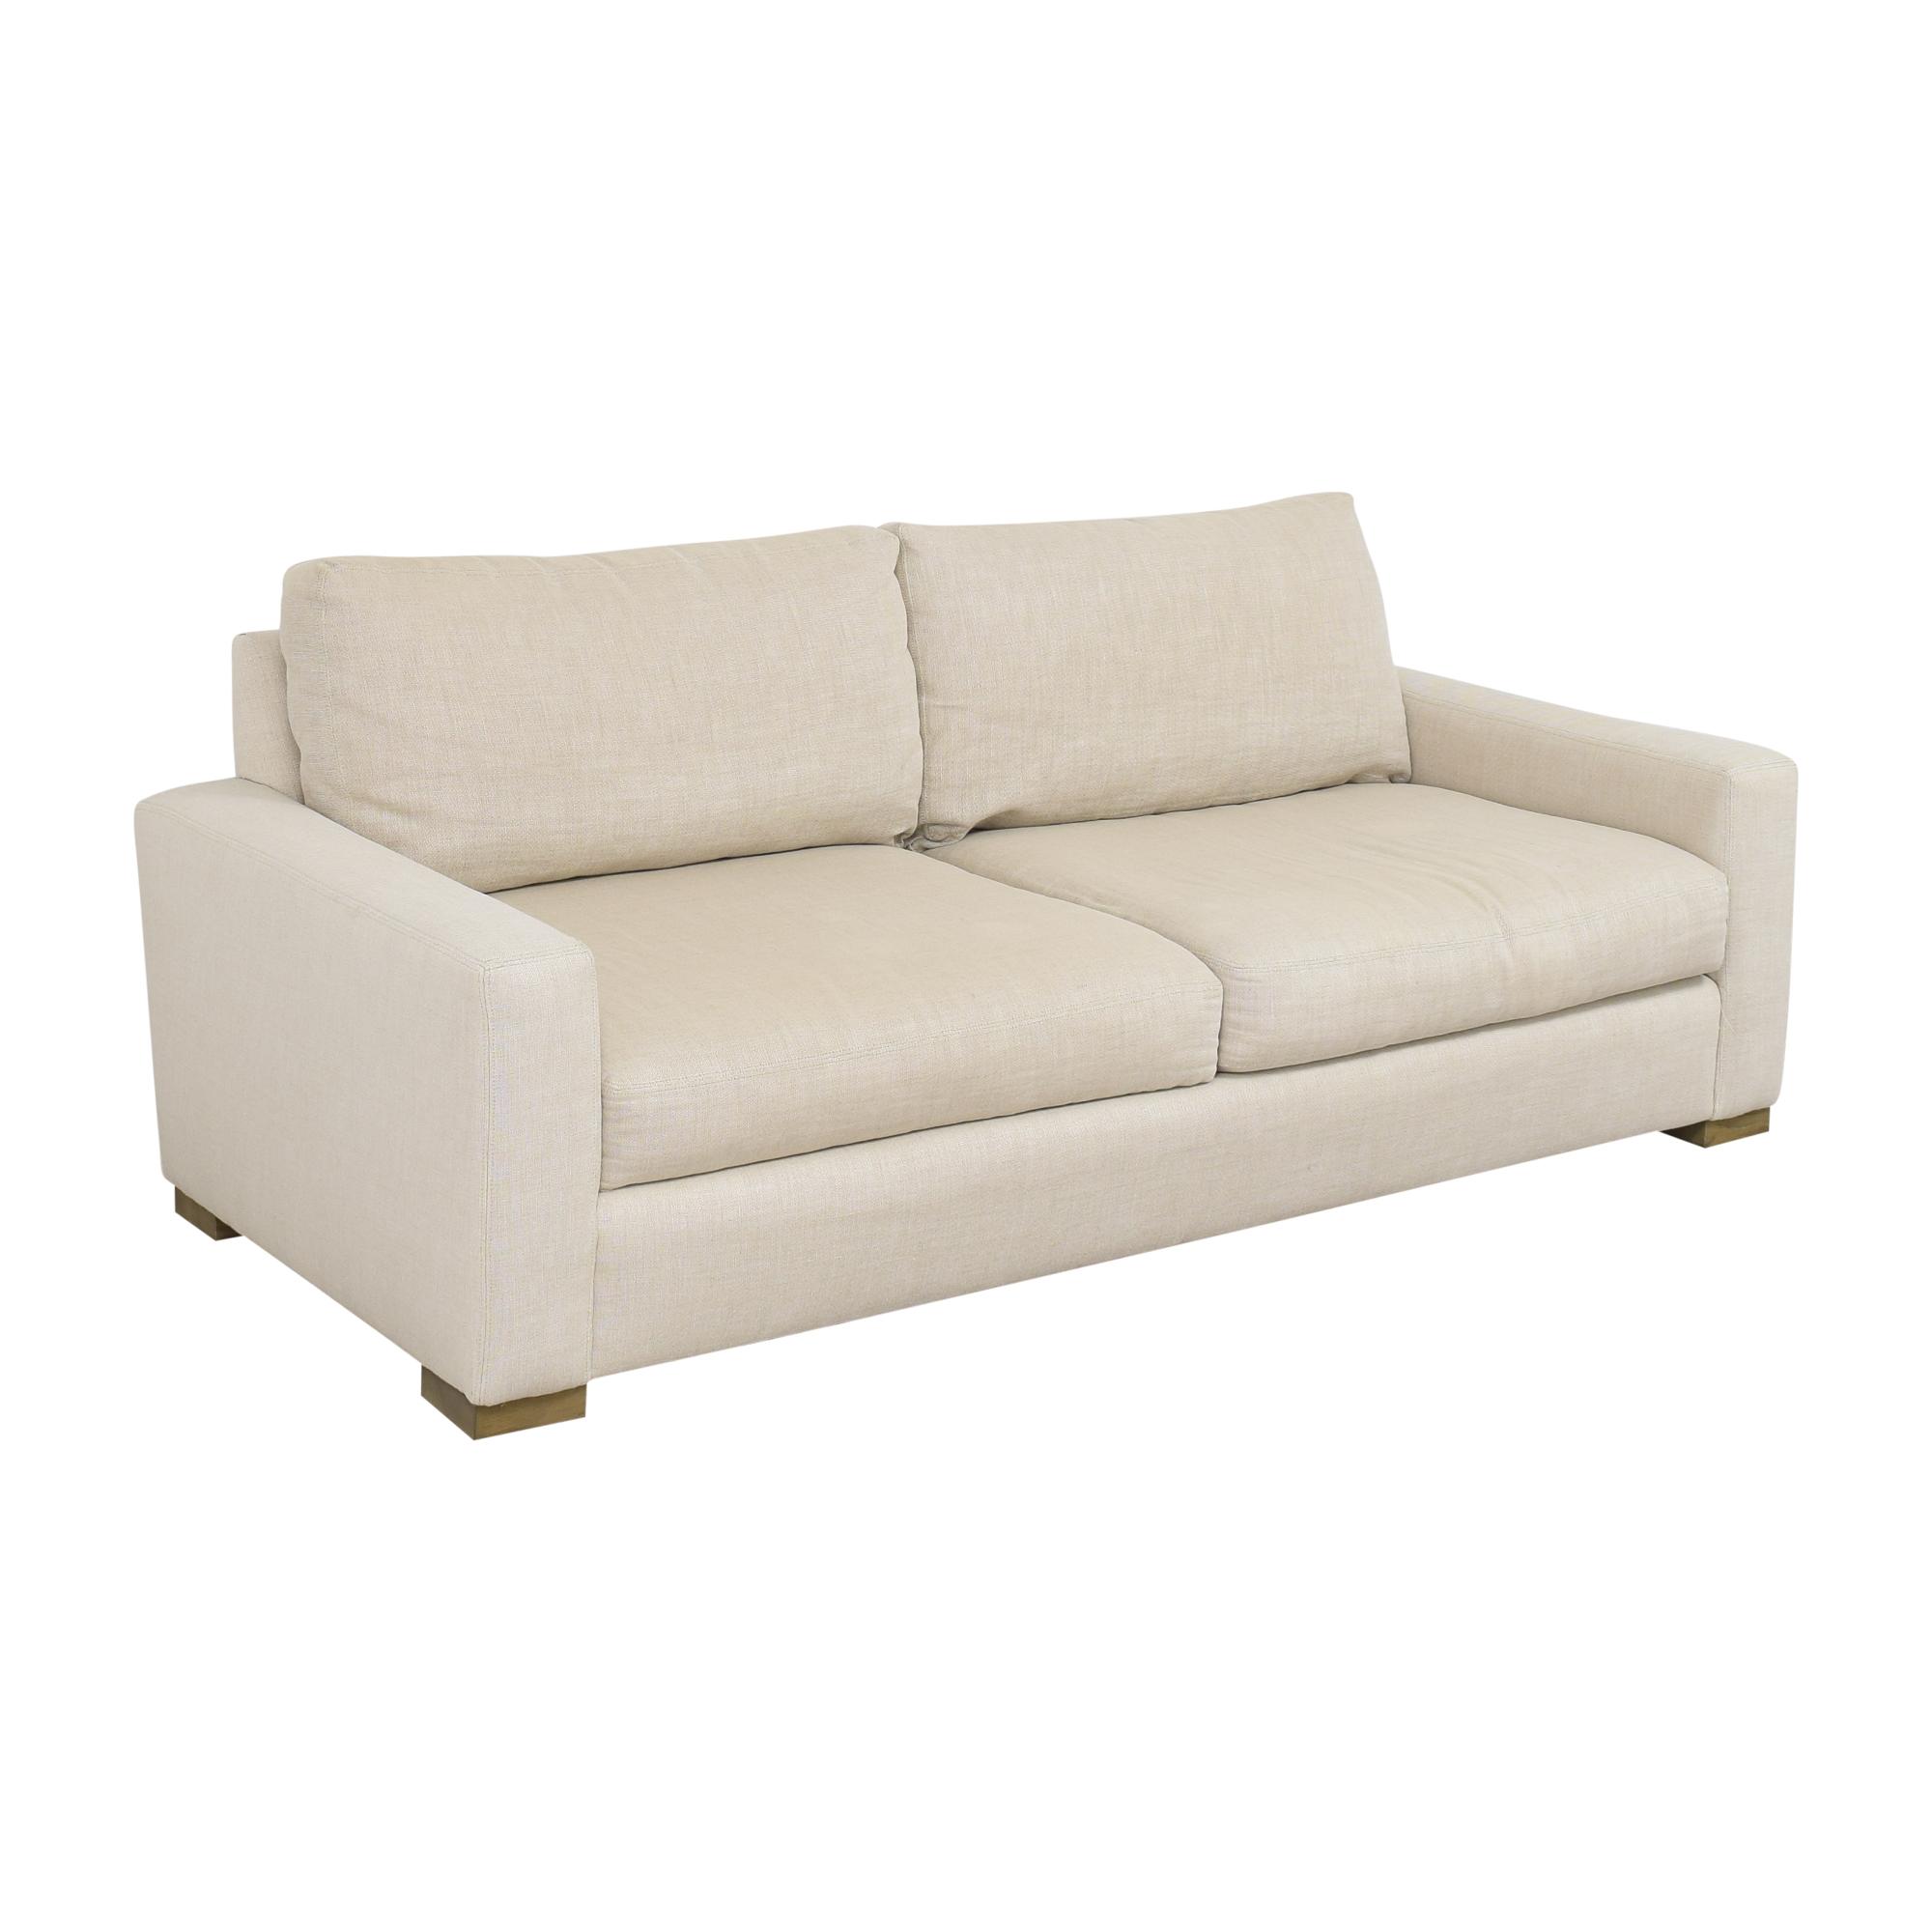 Restoration Hardware Restoration Hardware Two Cushion Sofa ma